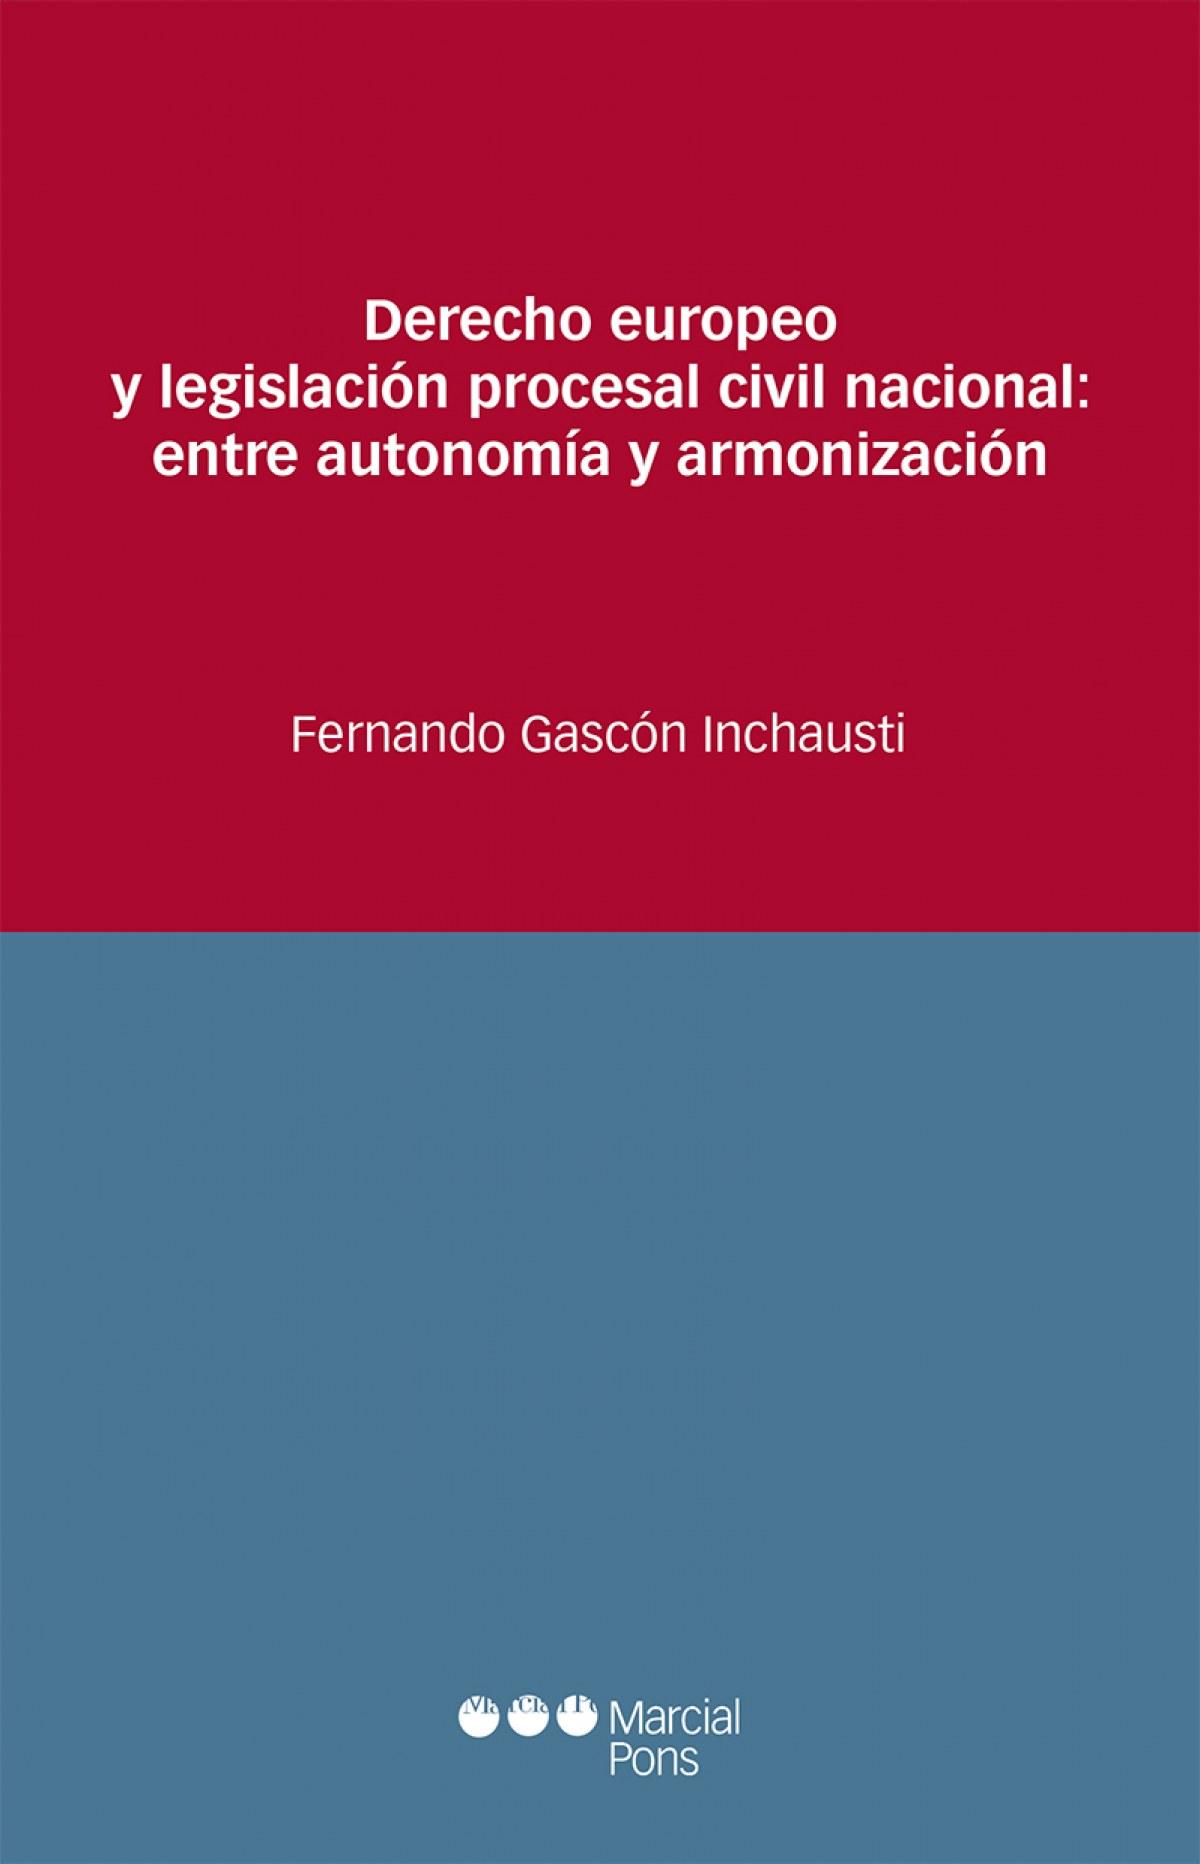 DERECHO EUROPEO Y LEGISLACIÓN PROCESAL CIVIL NACIONAL: ENTRE AUTONOMÍA Y ARMONIZACIÓN